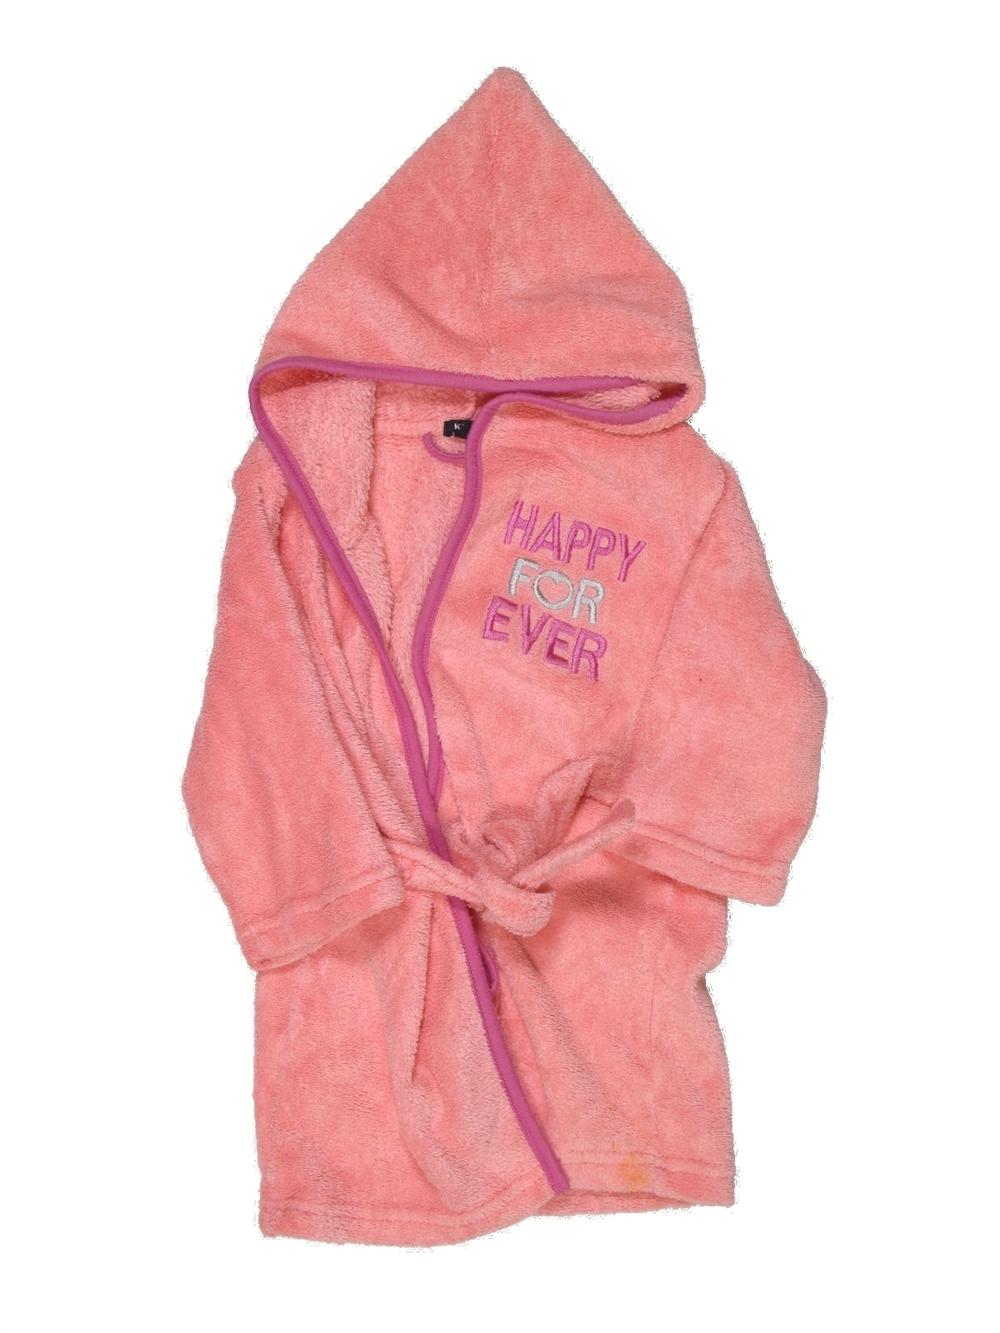 Robe De Chambre Fille Kiabi 2 Ans Pas Cher 4 95 585264